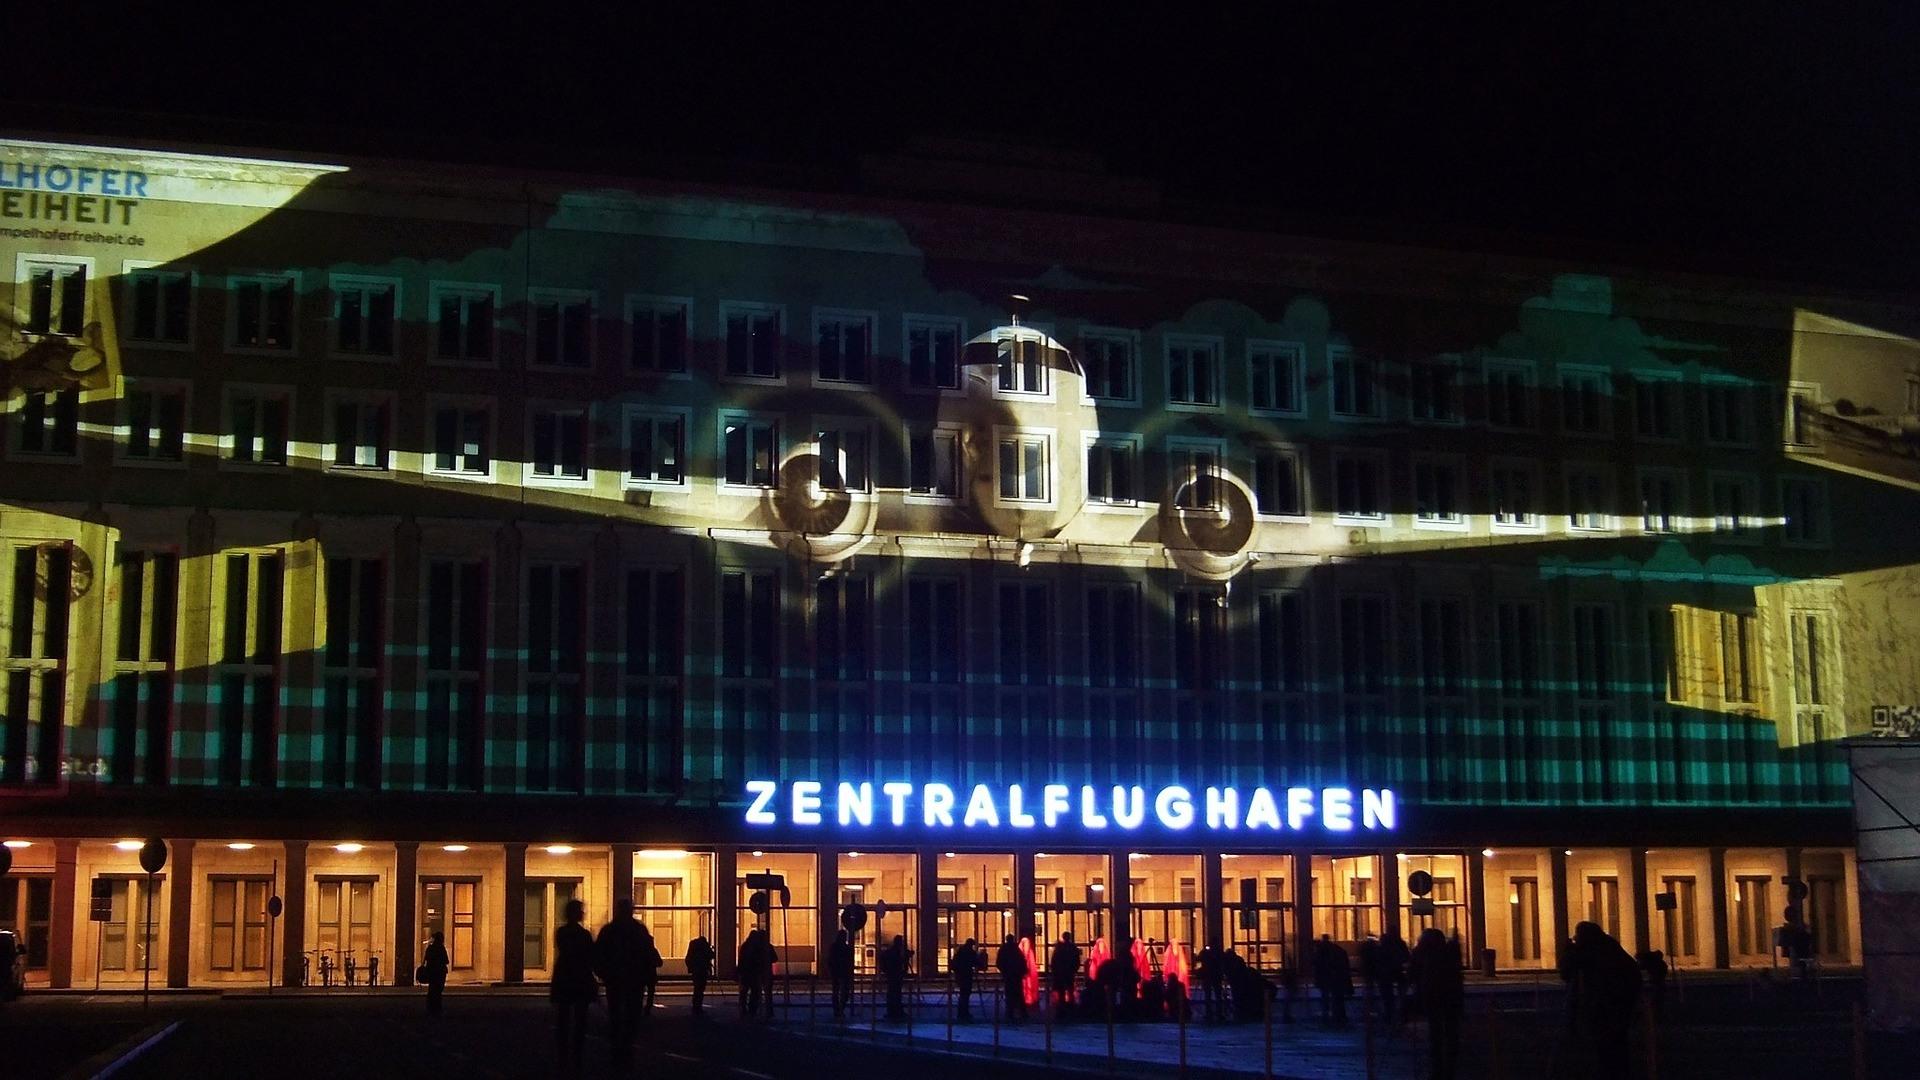 Zentralflughafen Tempelhof in Berlin.